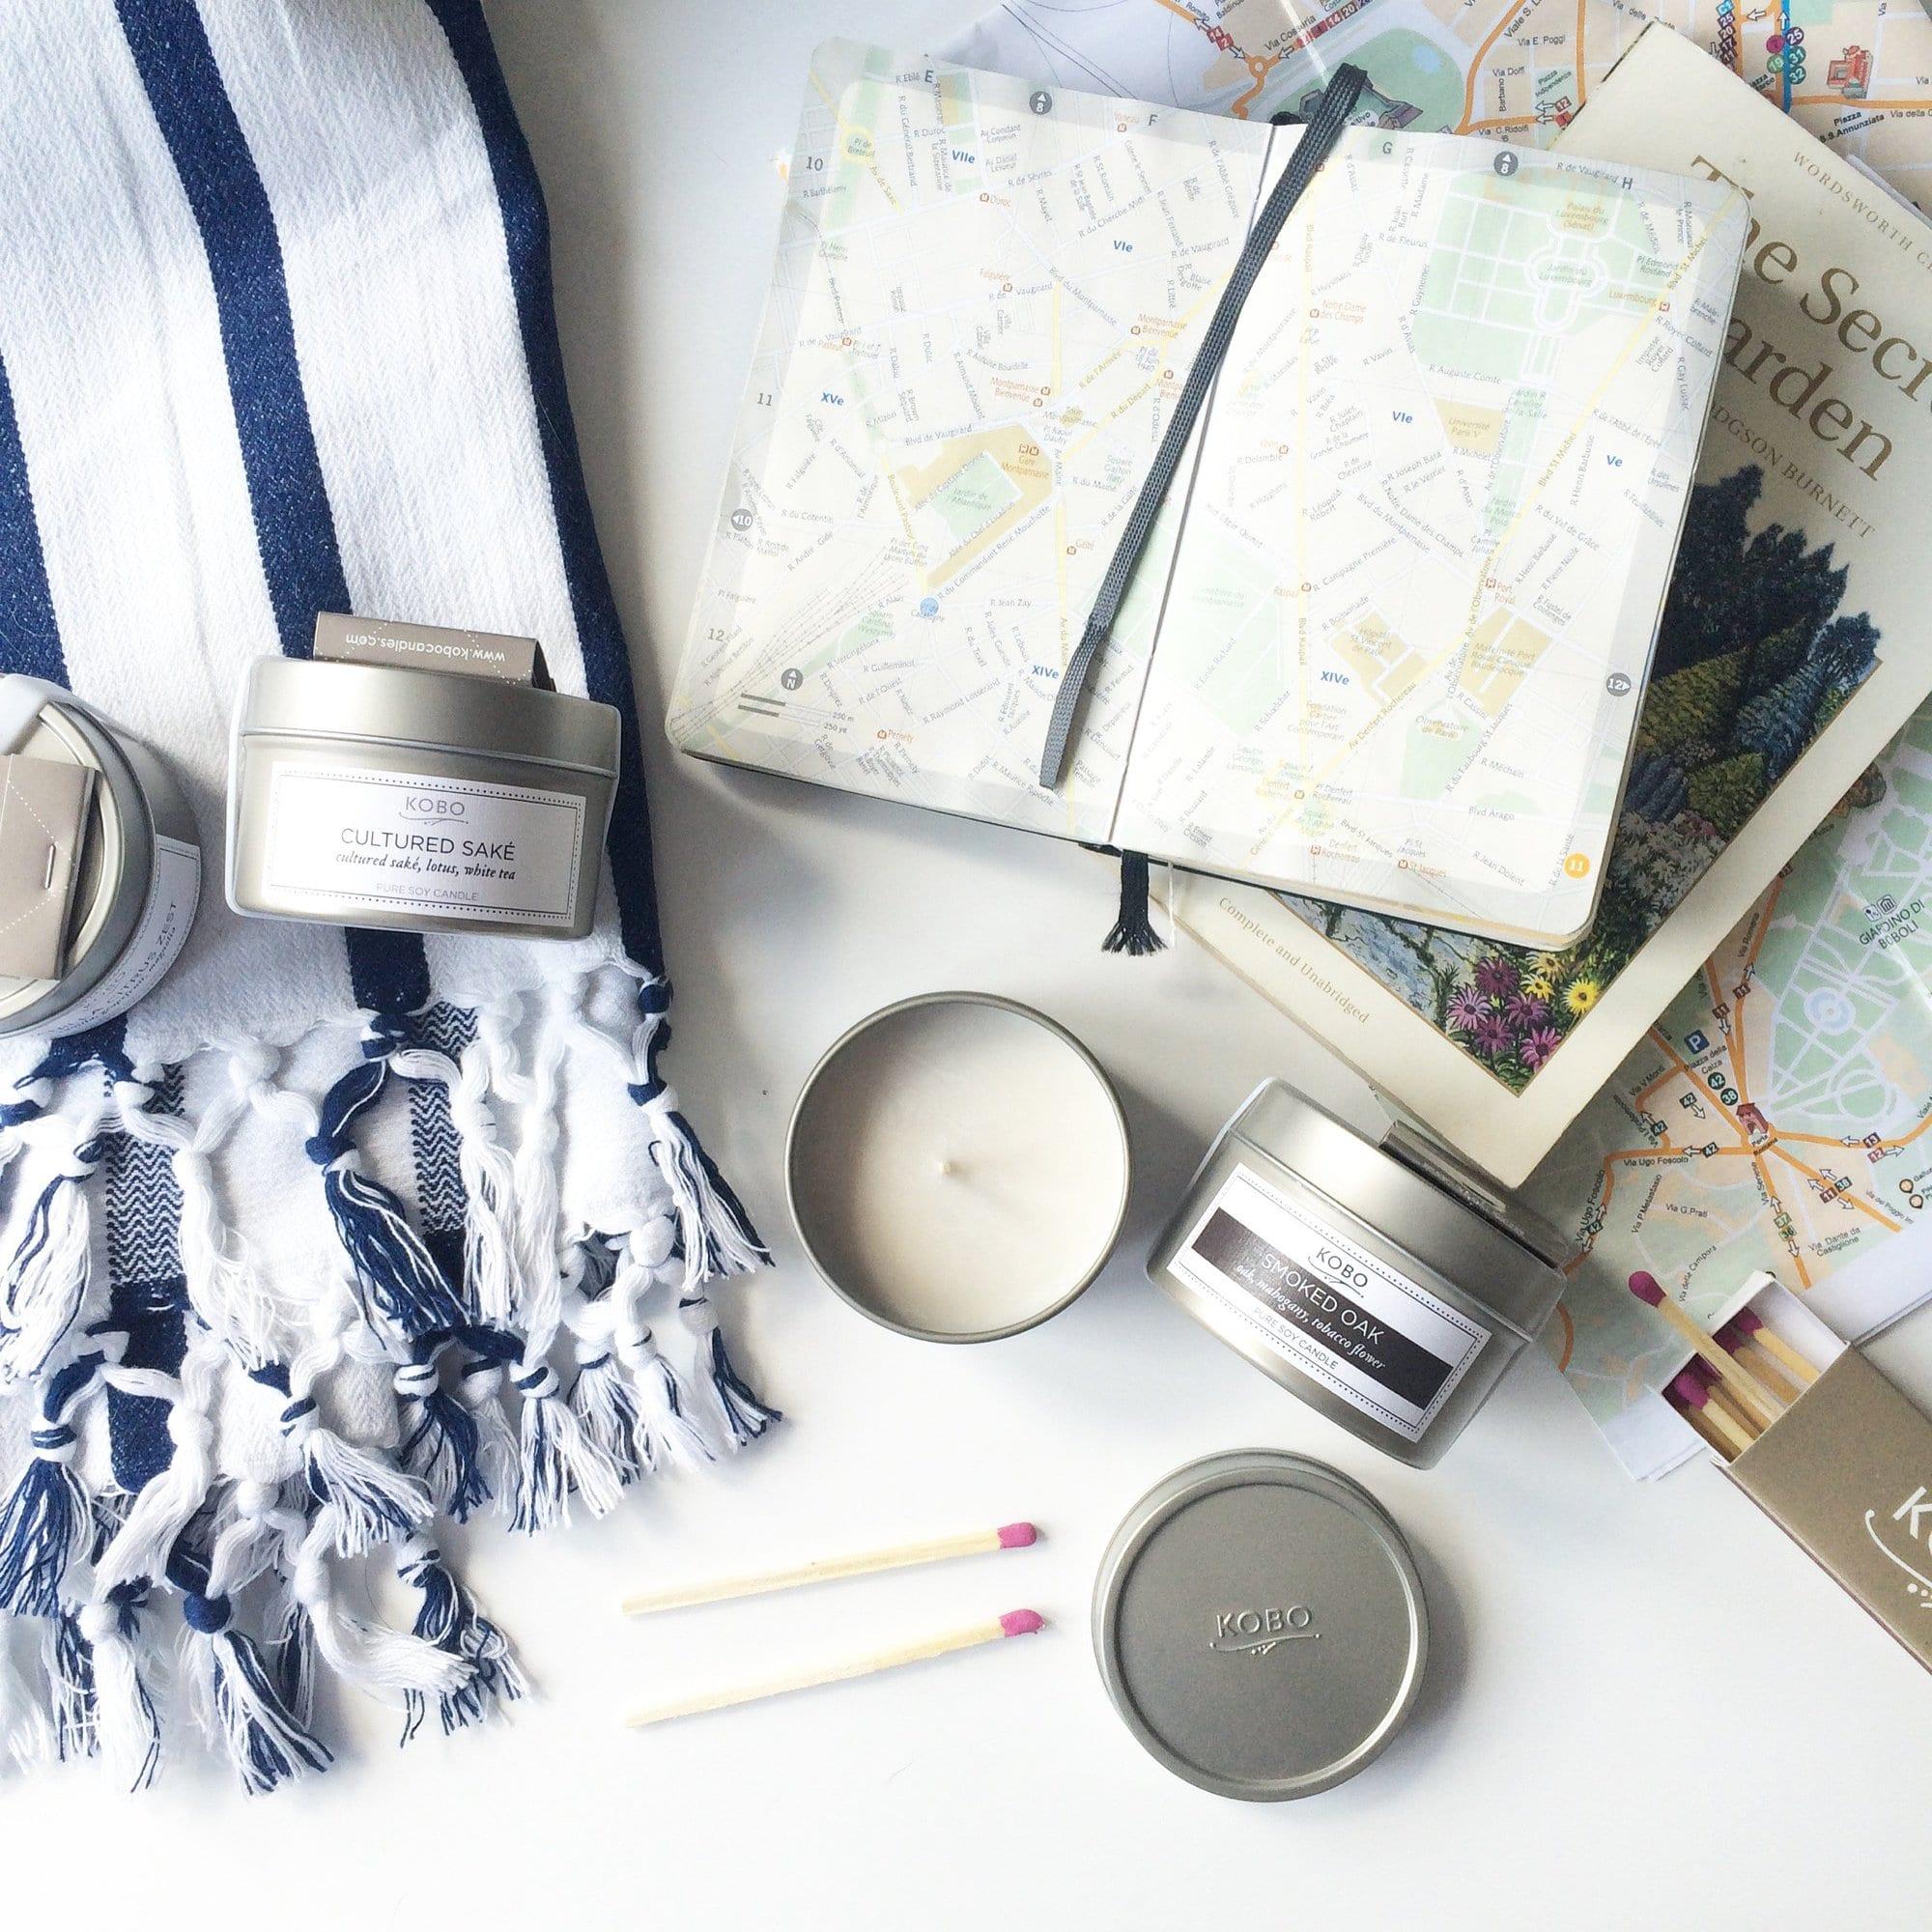 Новая коллекция travel-свечей от KOBO Candles в интернет-магазине Candlesbox